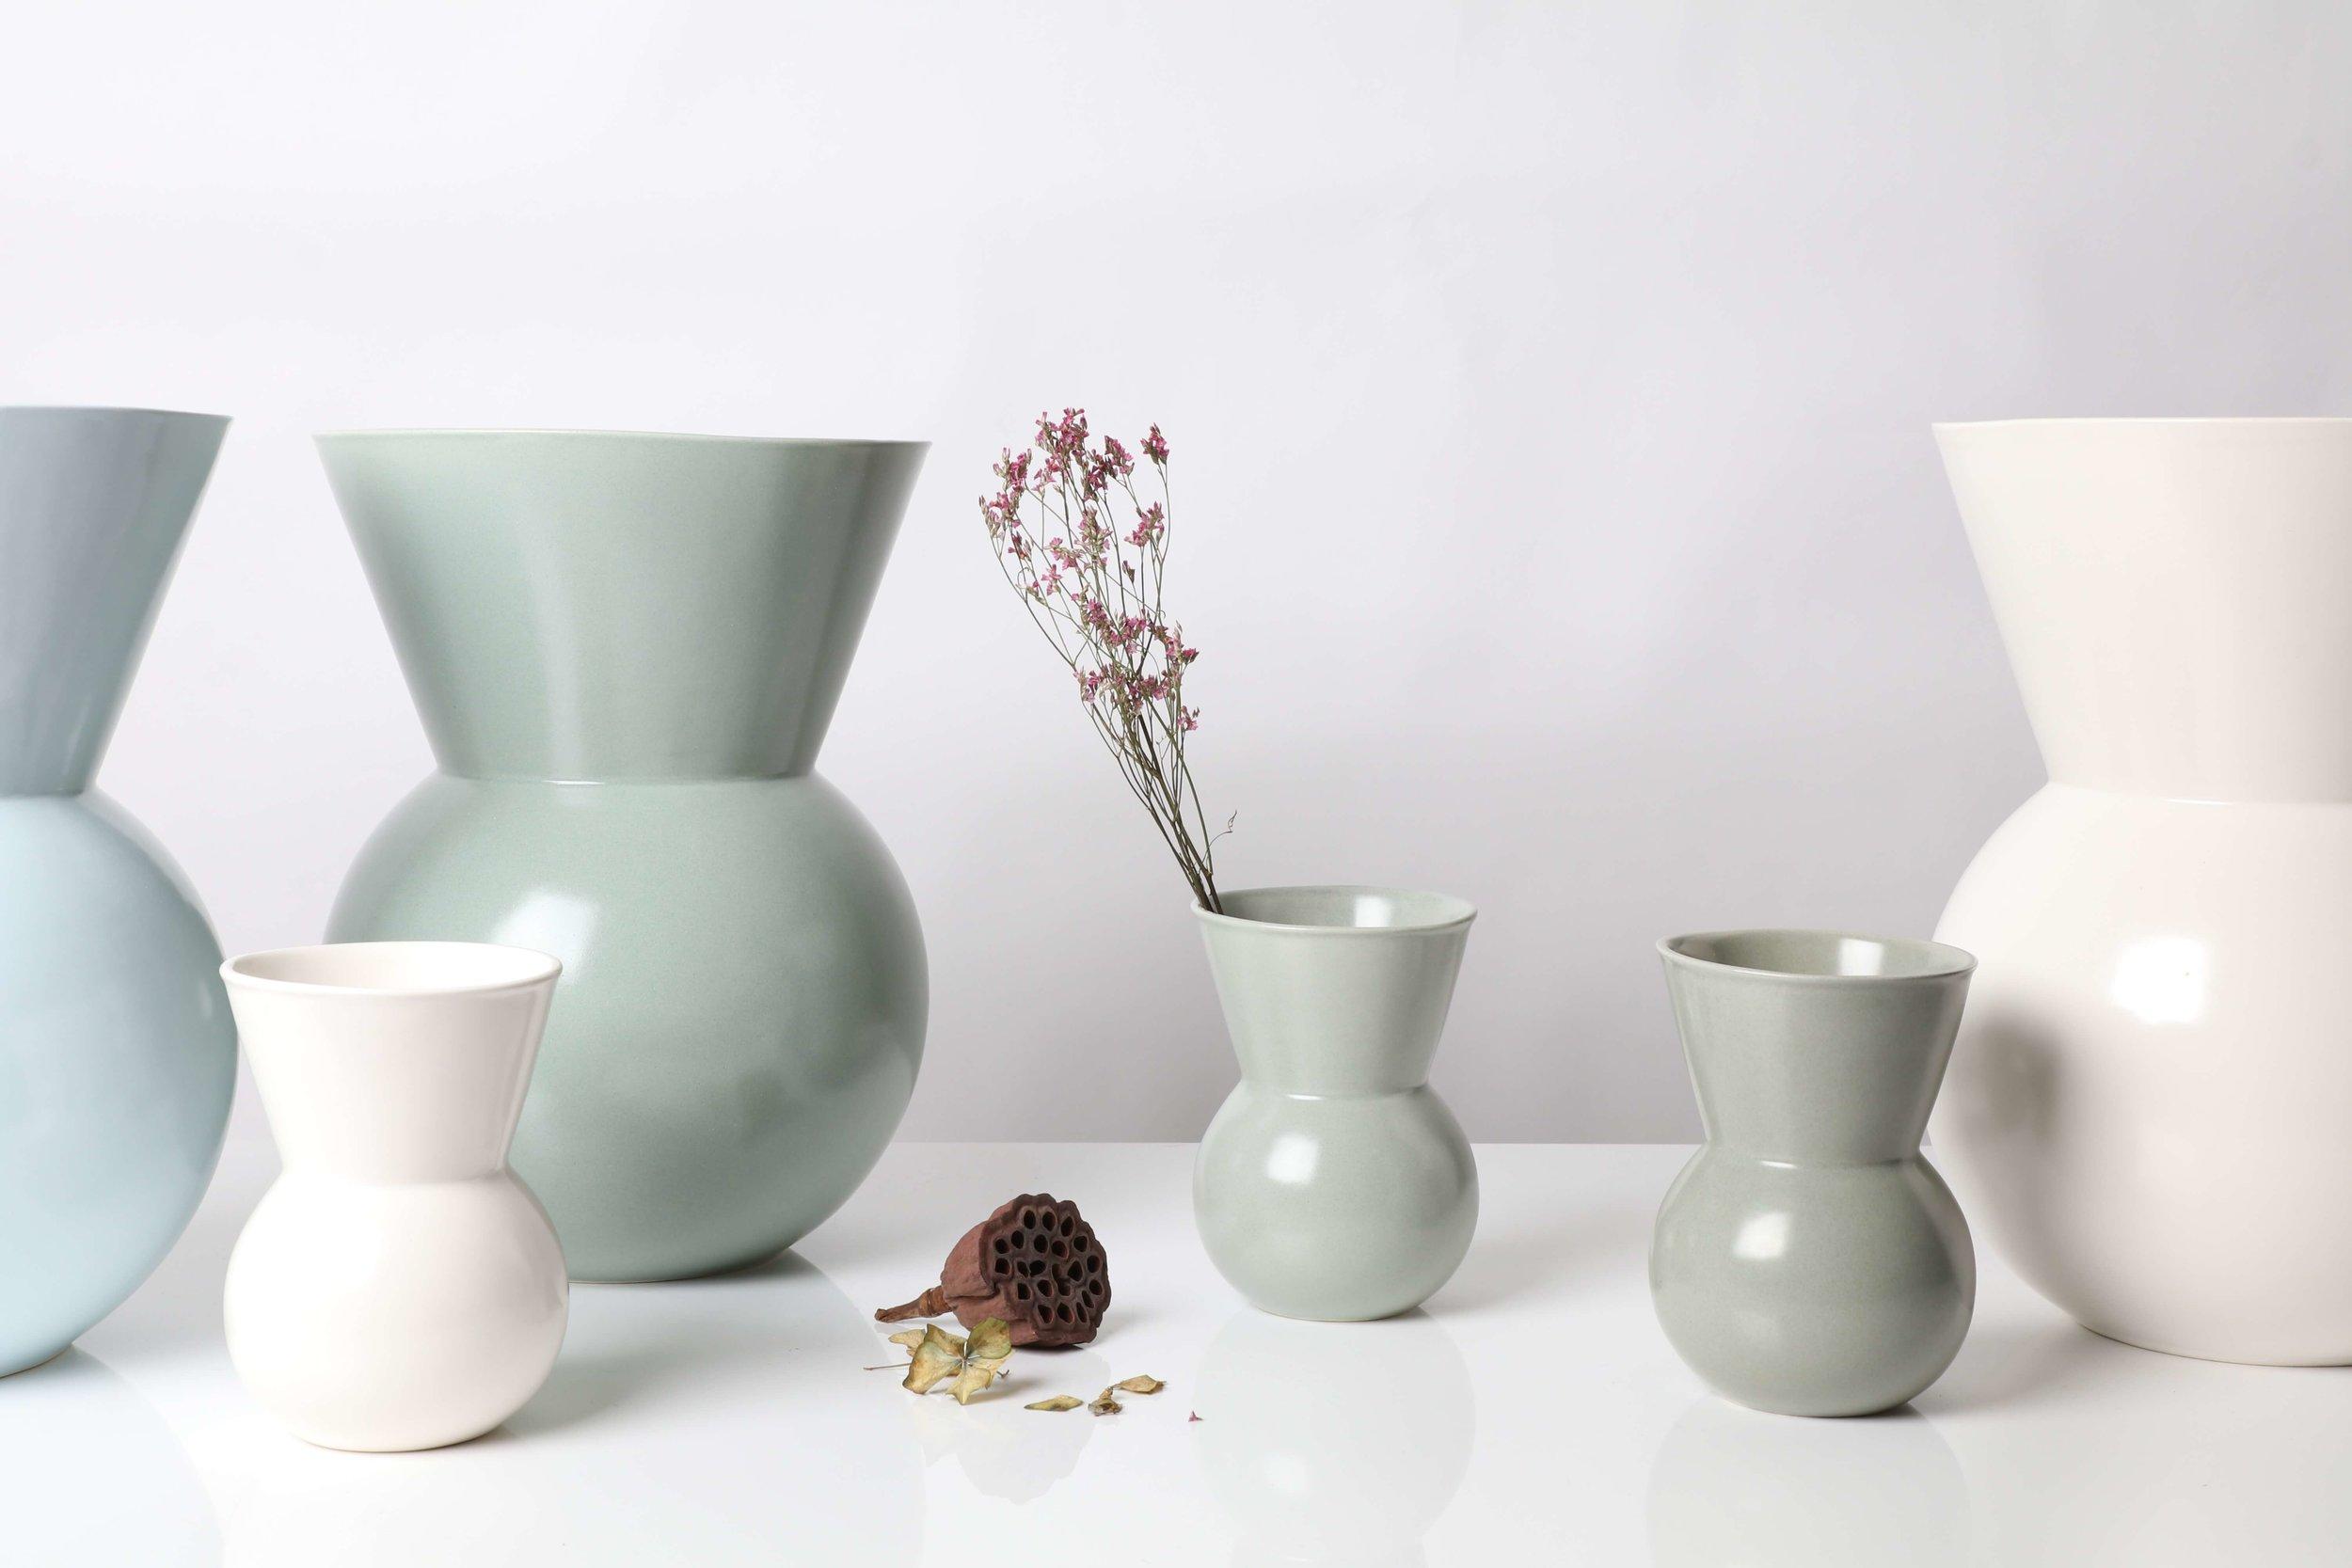 Gidon Bing 'Bulb' Vase